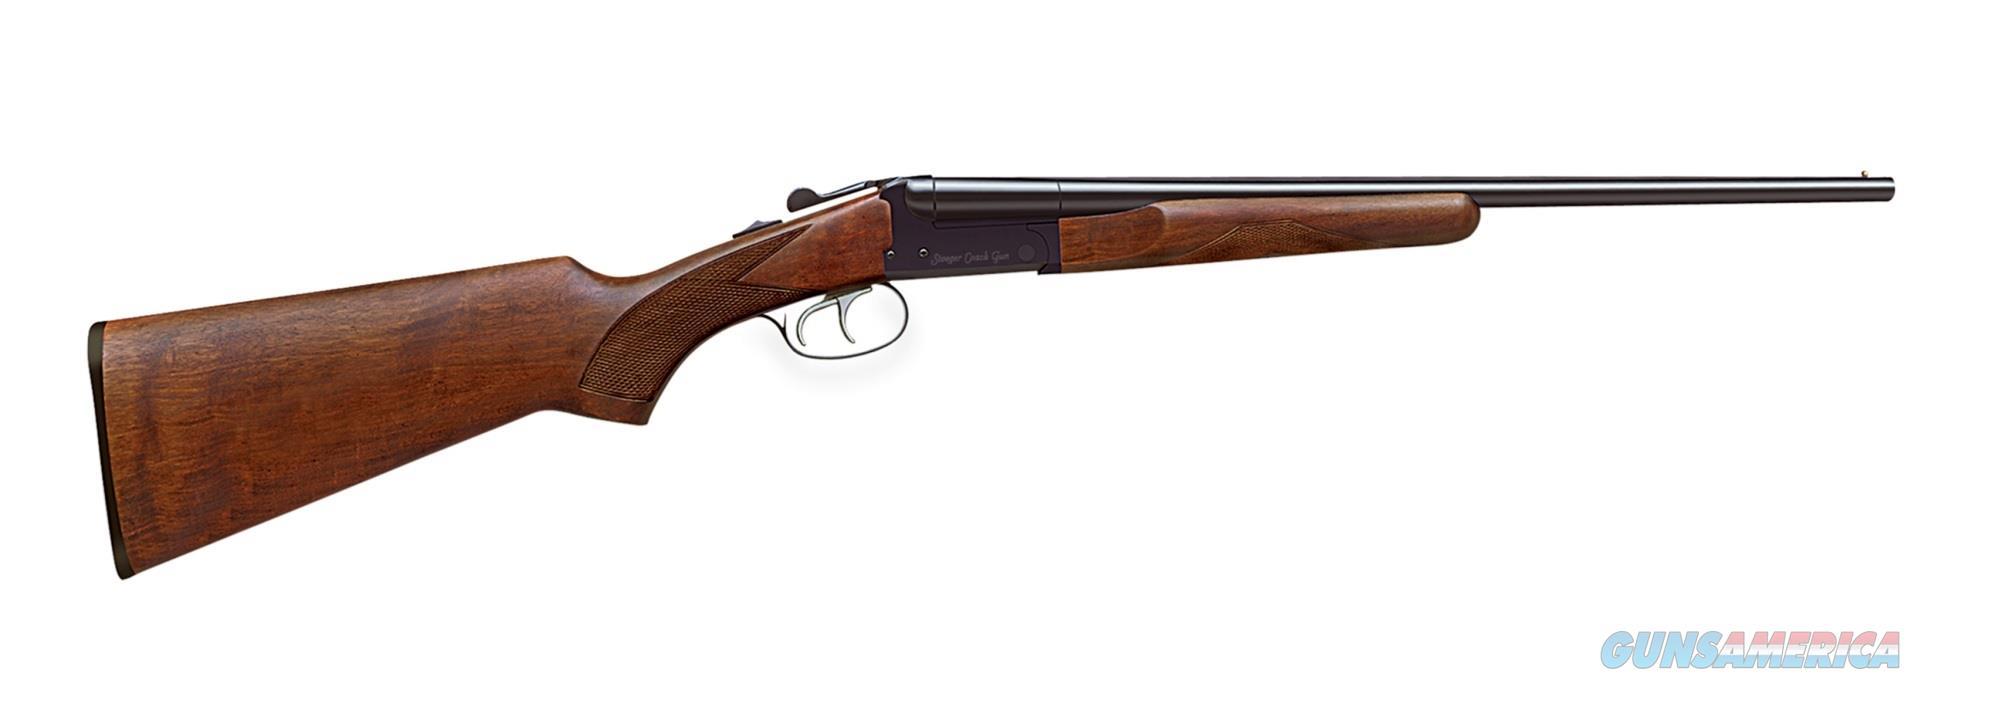 """Stoeger Coach Gun 20 Gauge SxS 20"""" Walnut 31405   Guns > Shotguns > Stoeger Shotguns"""